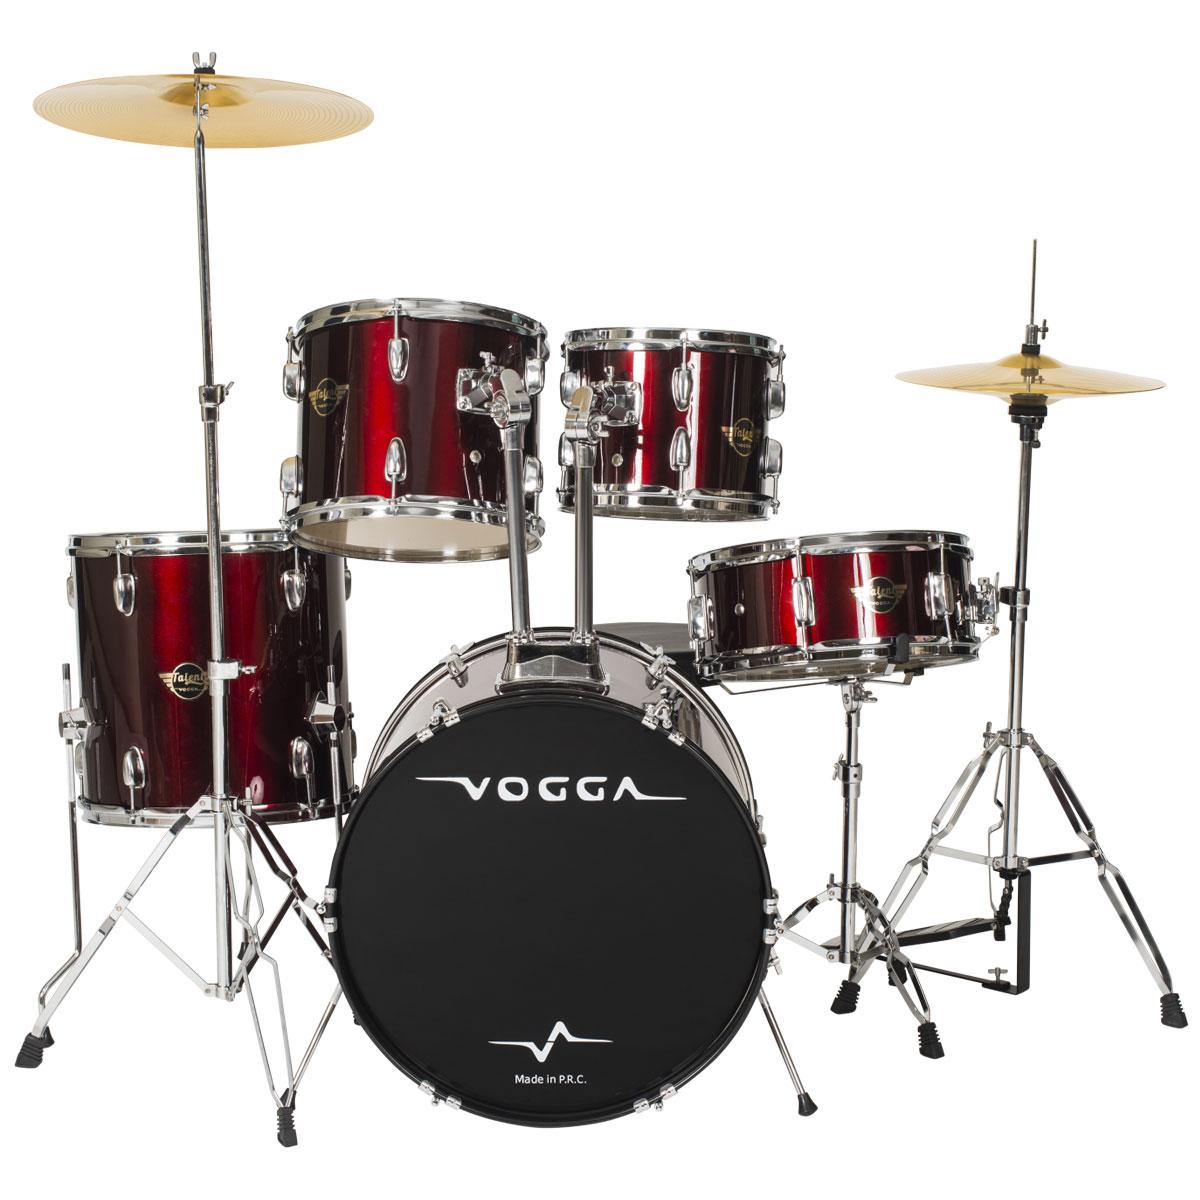 Bateria Acústica Bumbo 22 Polegadas Talent VPD924 Vinho - Vogga